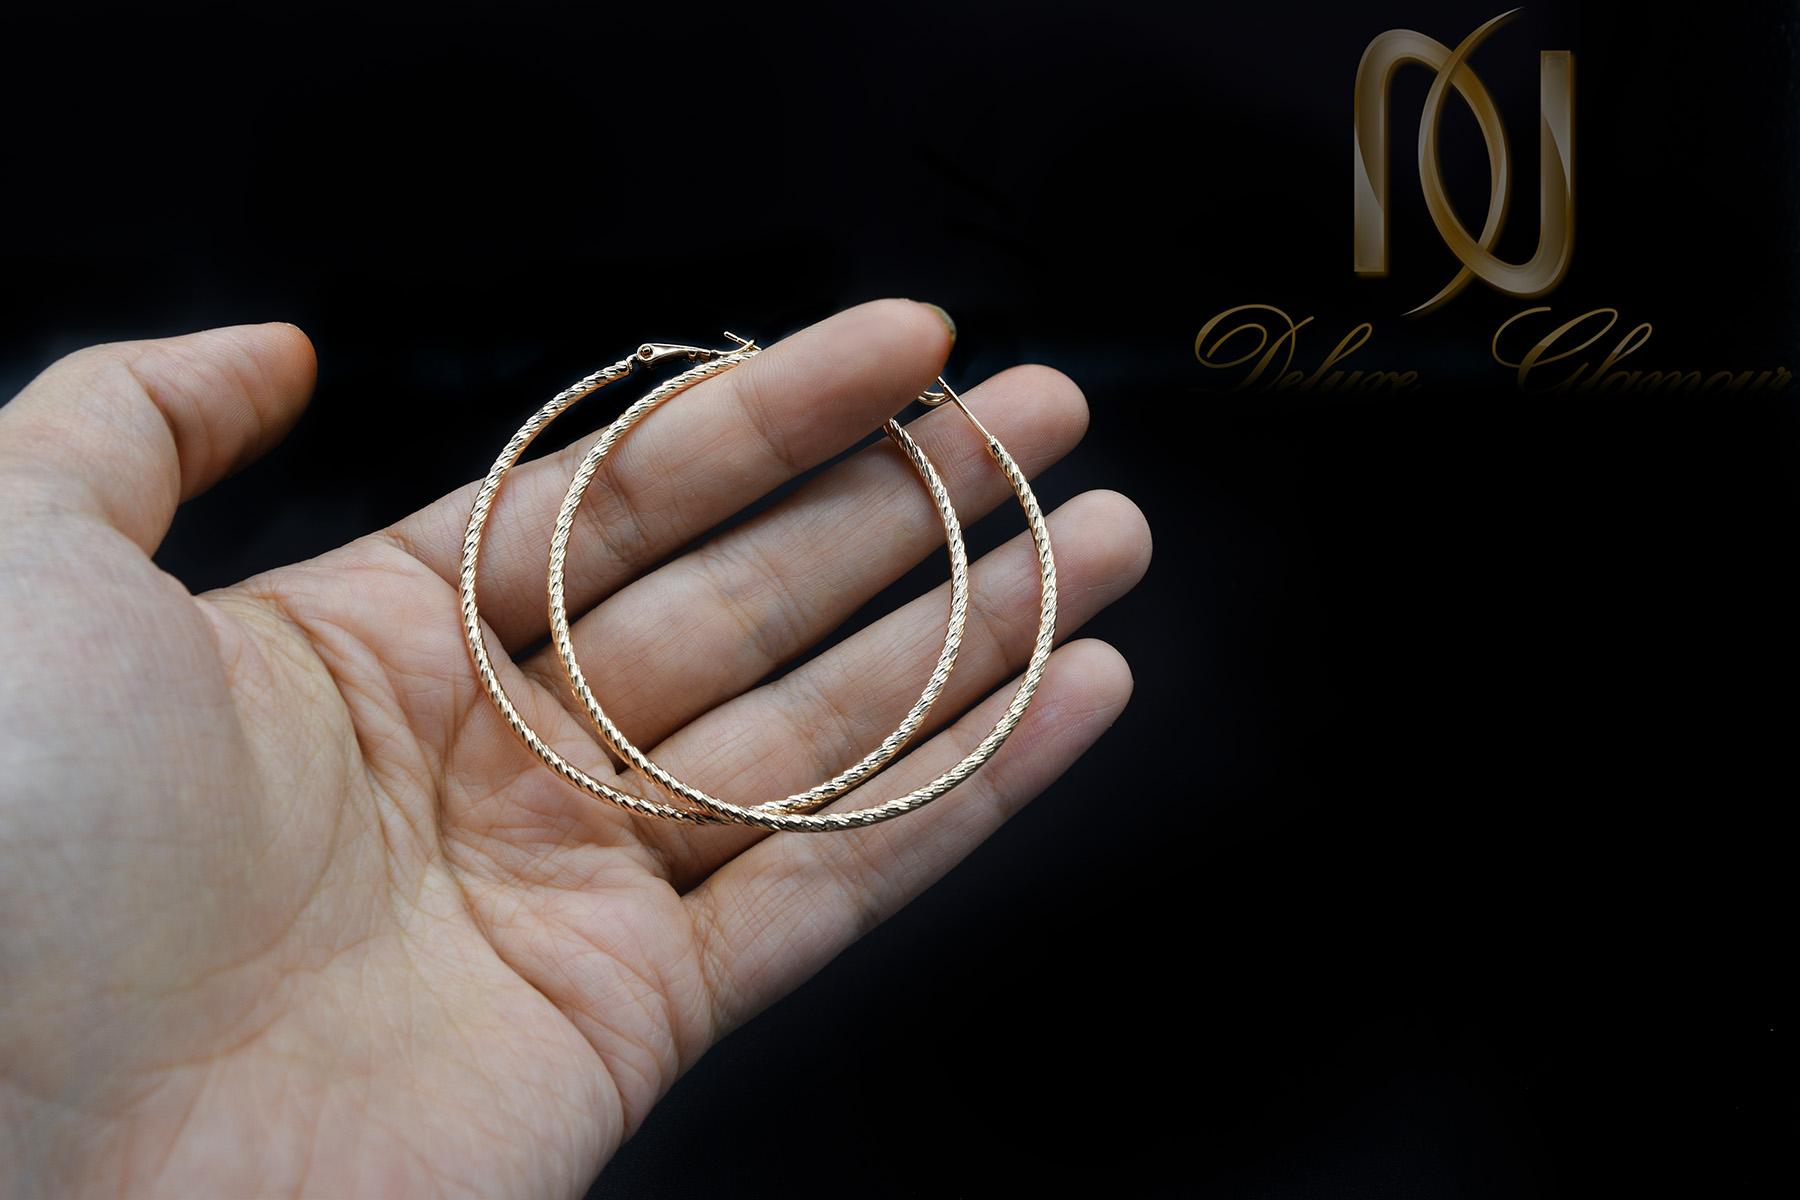 گوشواره زنانه ژوپینگ حلقه بزرگ er-n171 از نمای مشکی